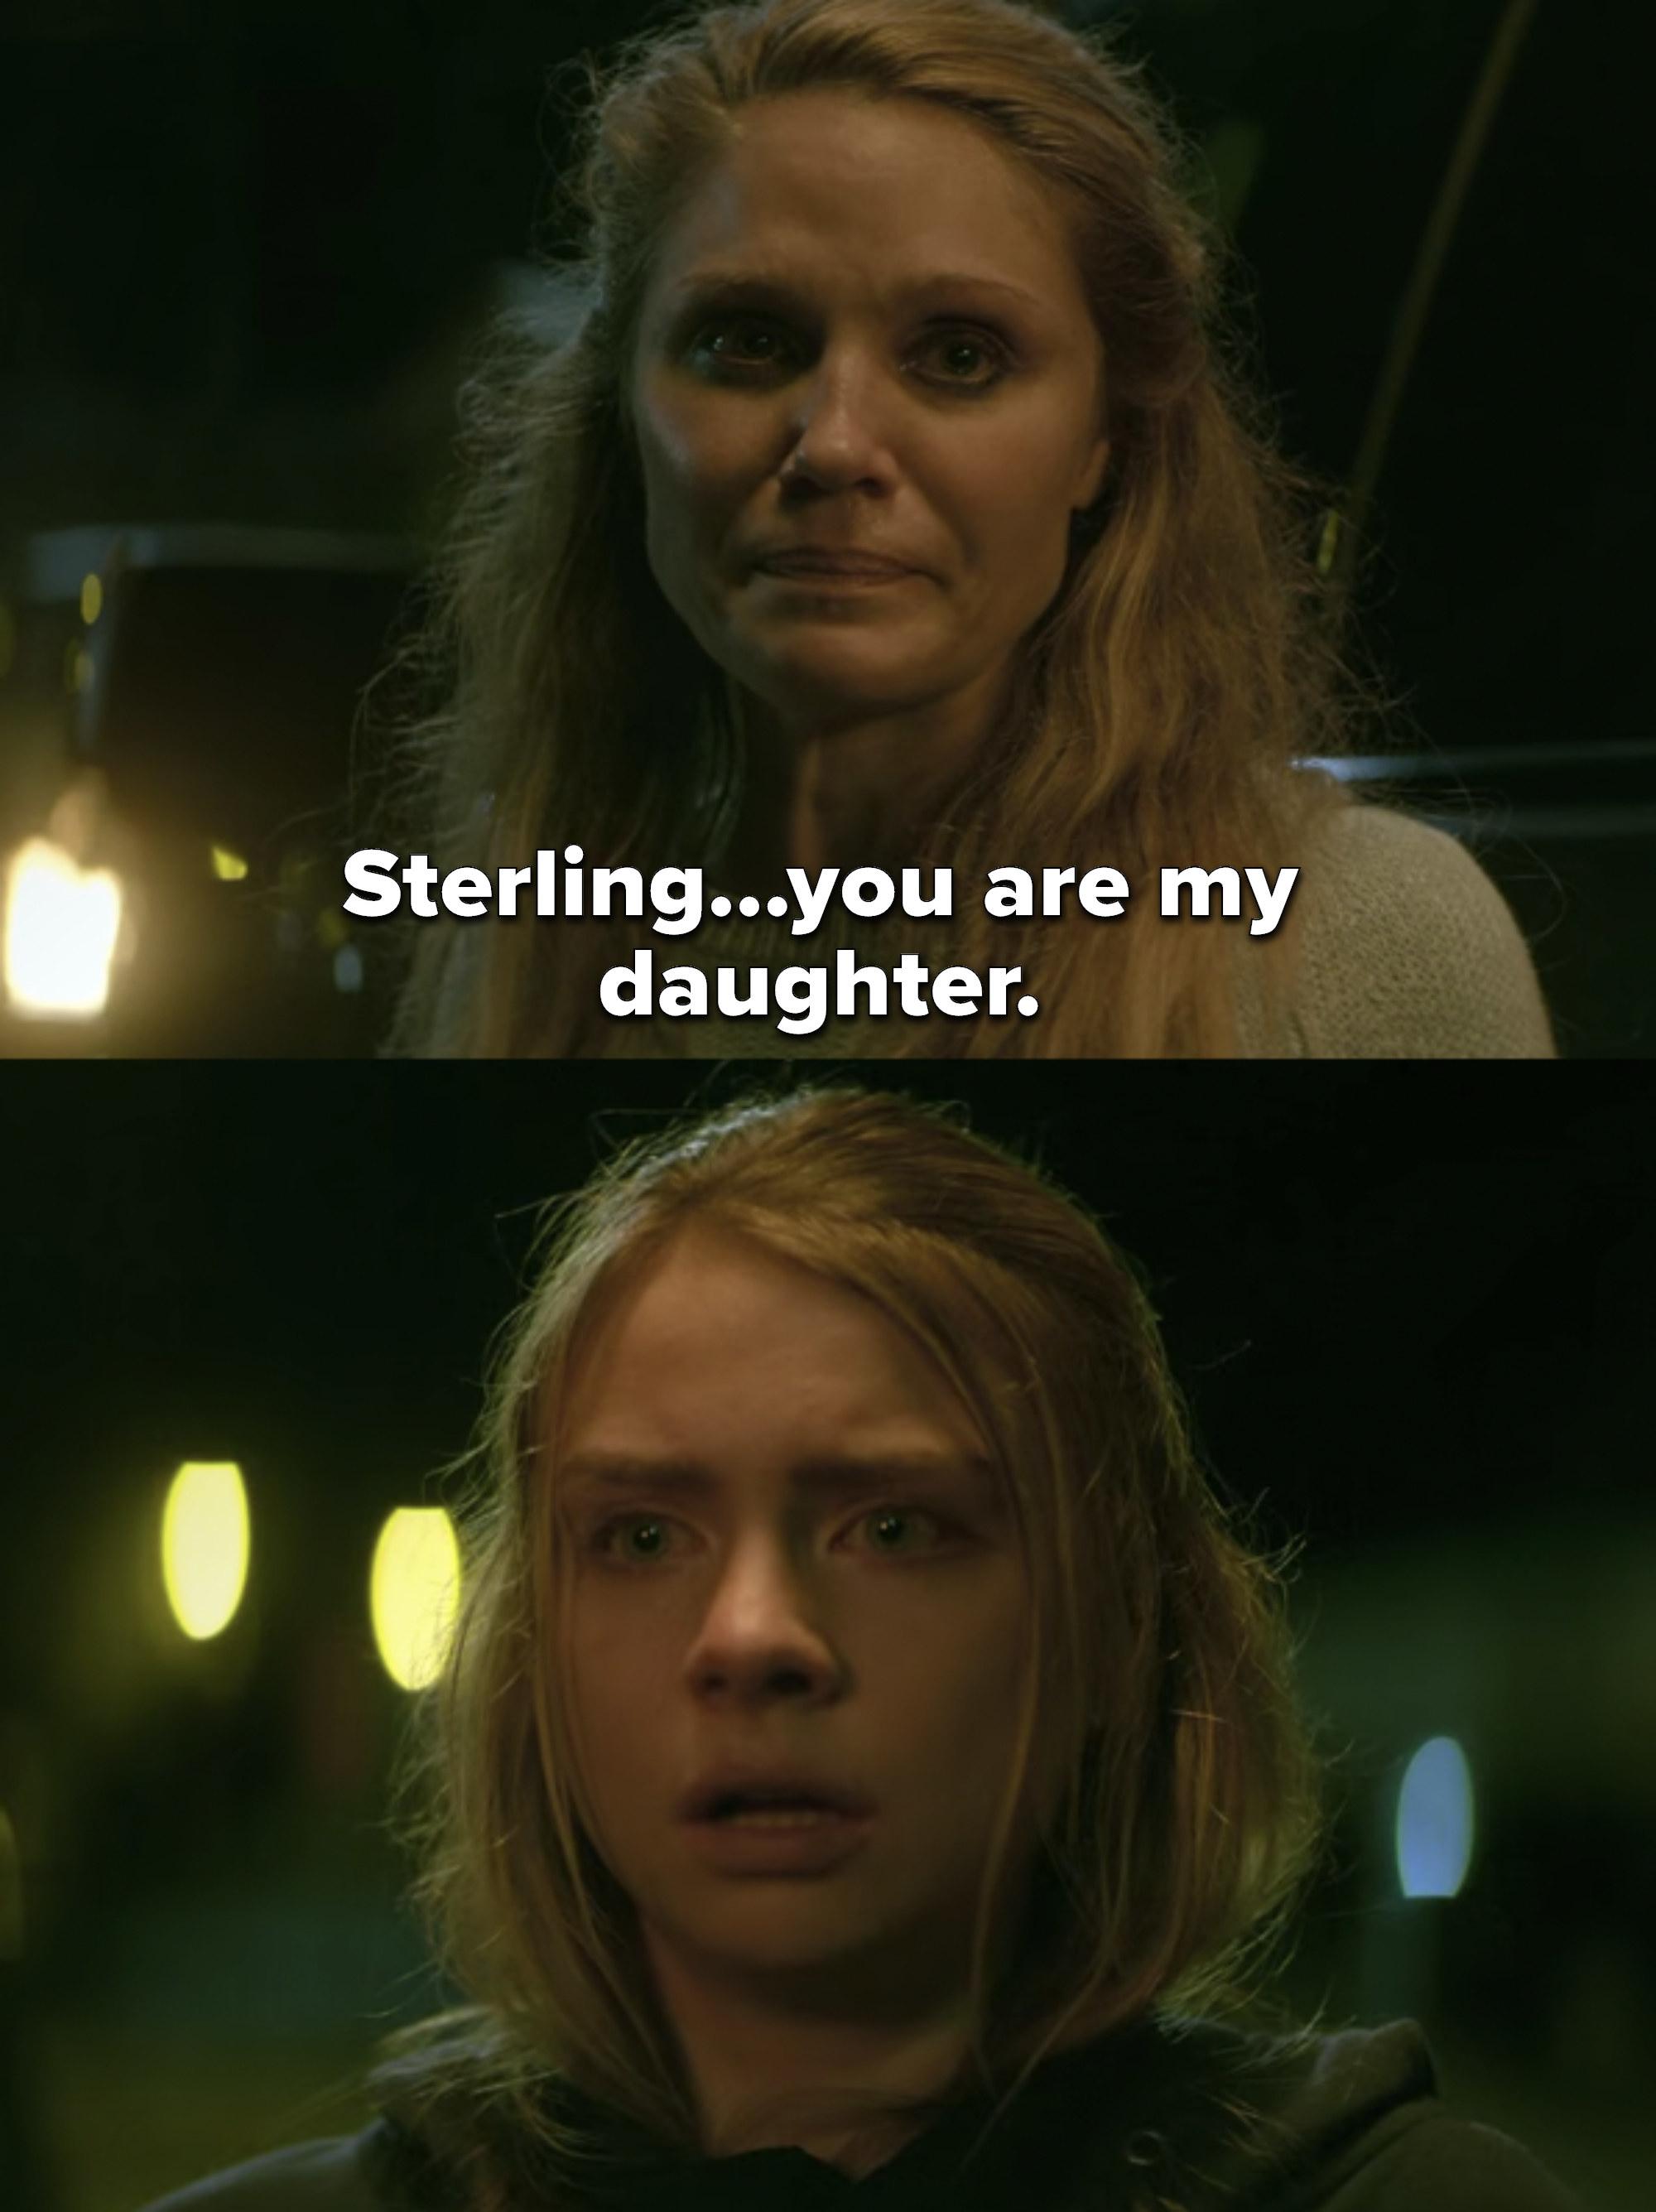 Dana tells Sterling she's her daughter